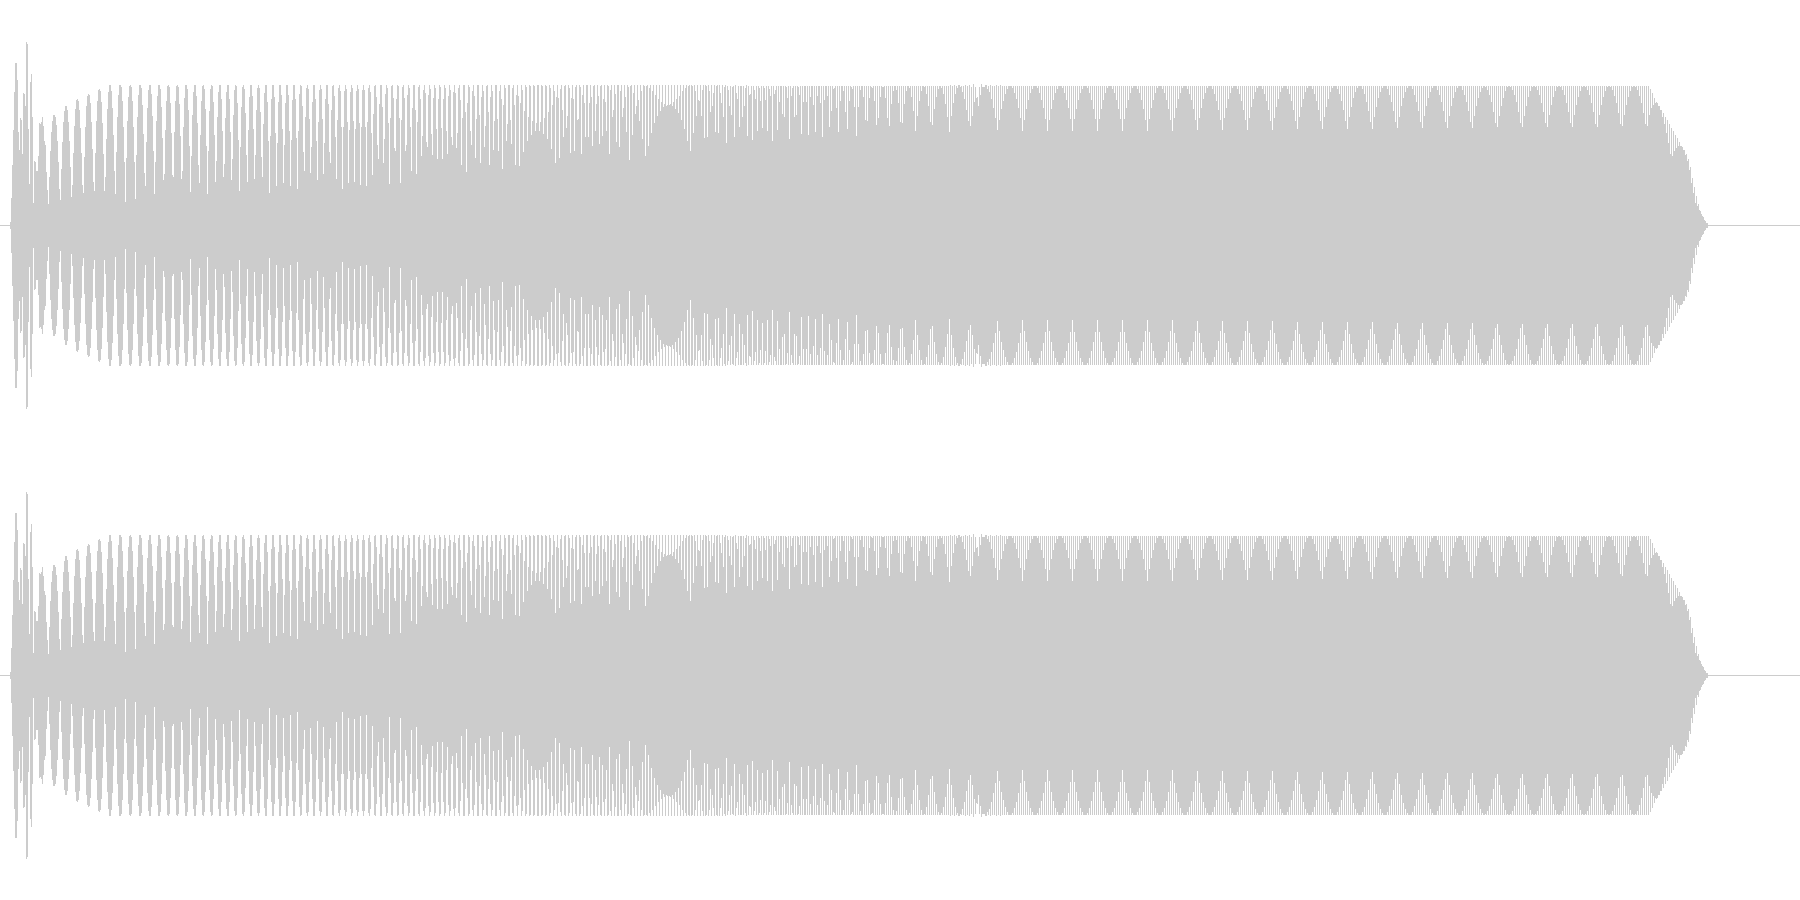 ウィィィィ〜ン(自動ドアが開閉する音)の未再生の波形